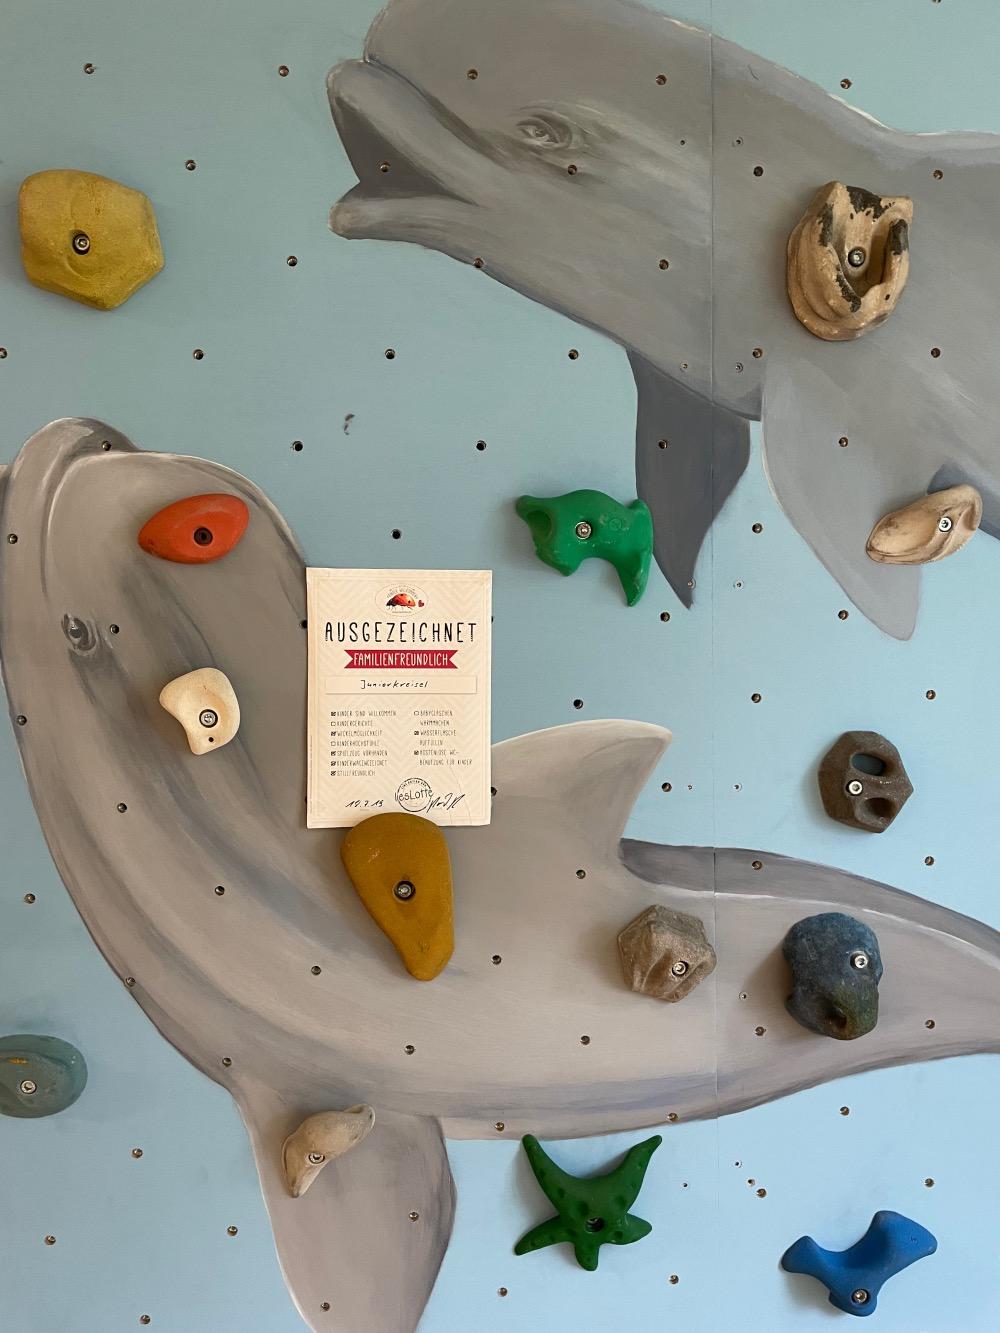 Kinder willkomen Urkunde an Kletterwand von Juniorkreisel Augsburg